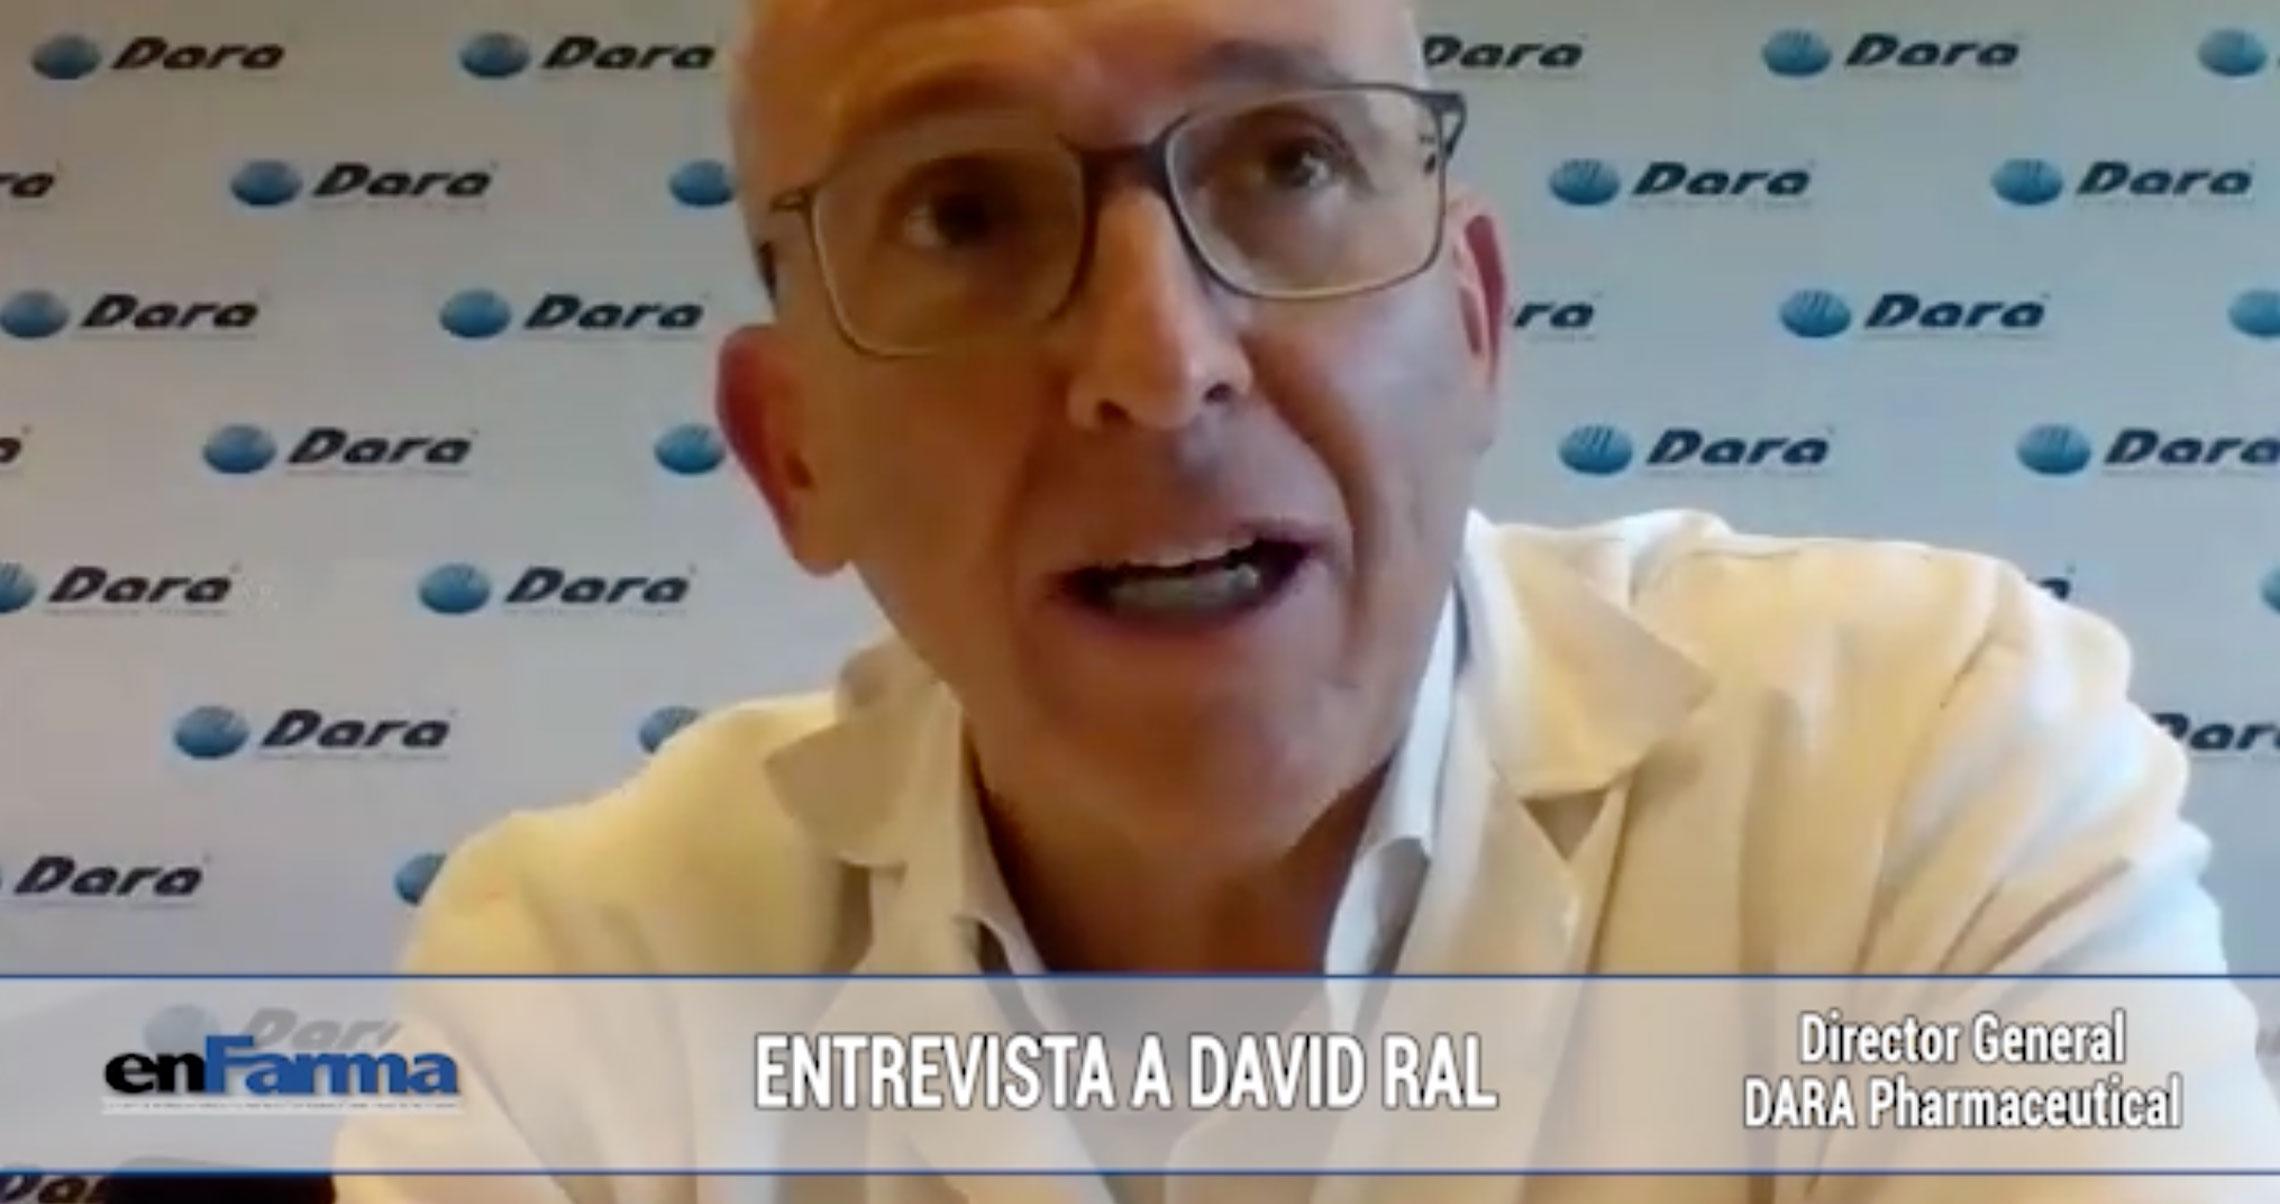 Entrevista David Ral - Director General de DARA Pharma